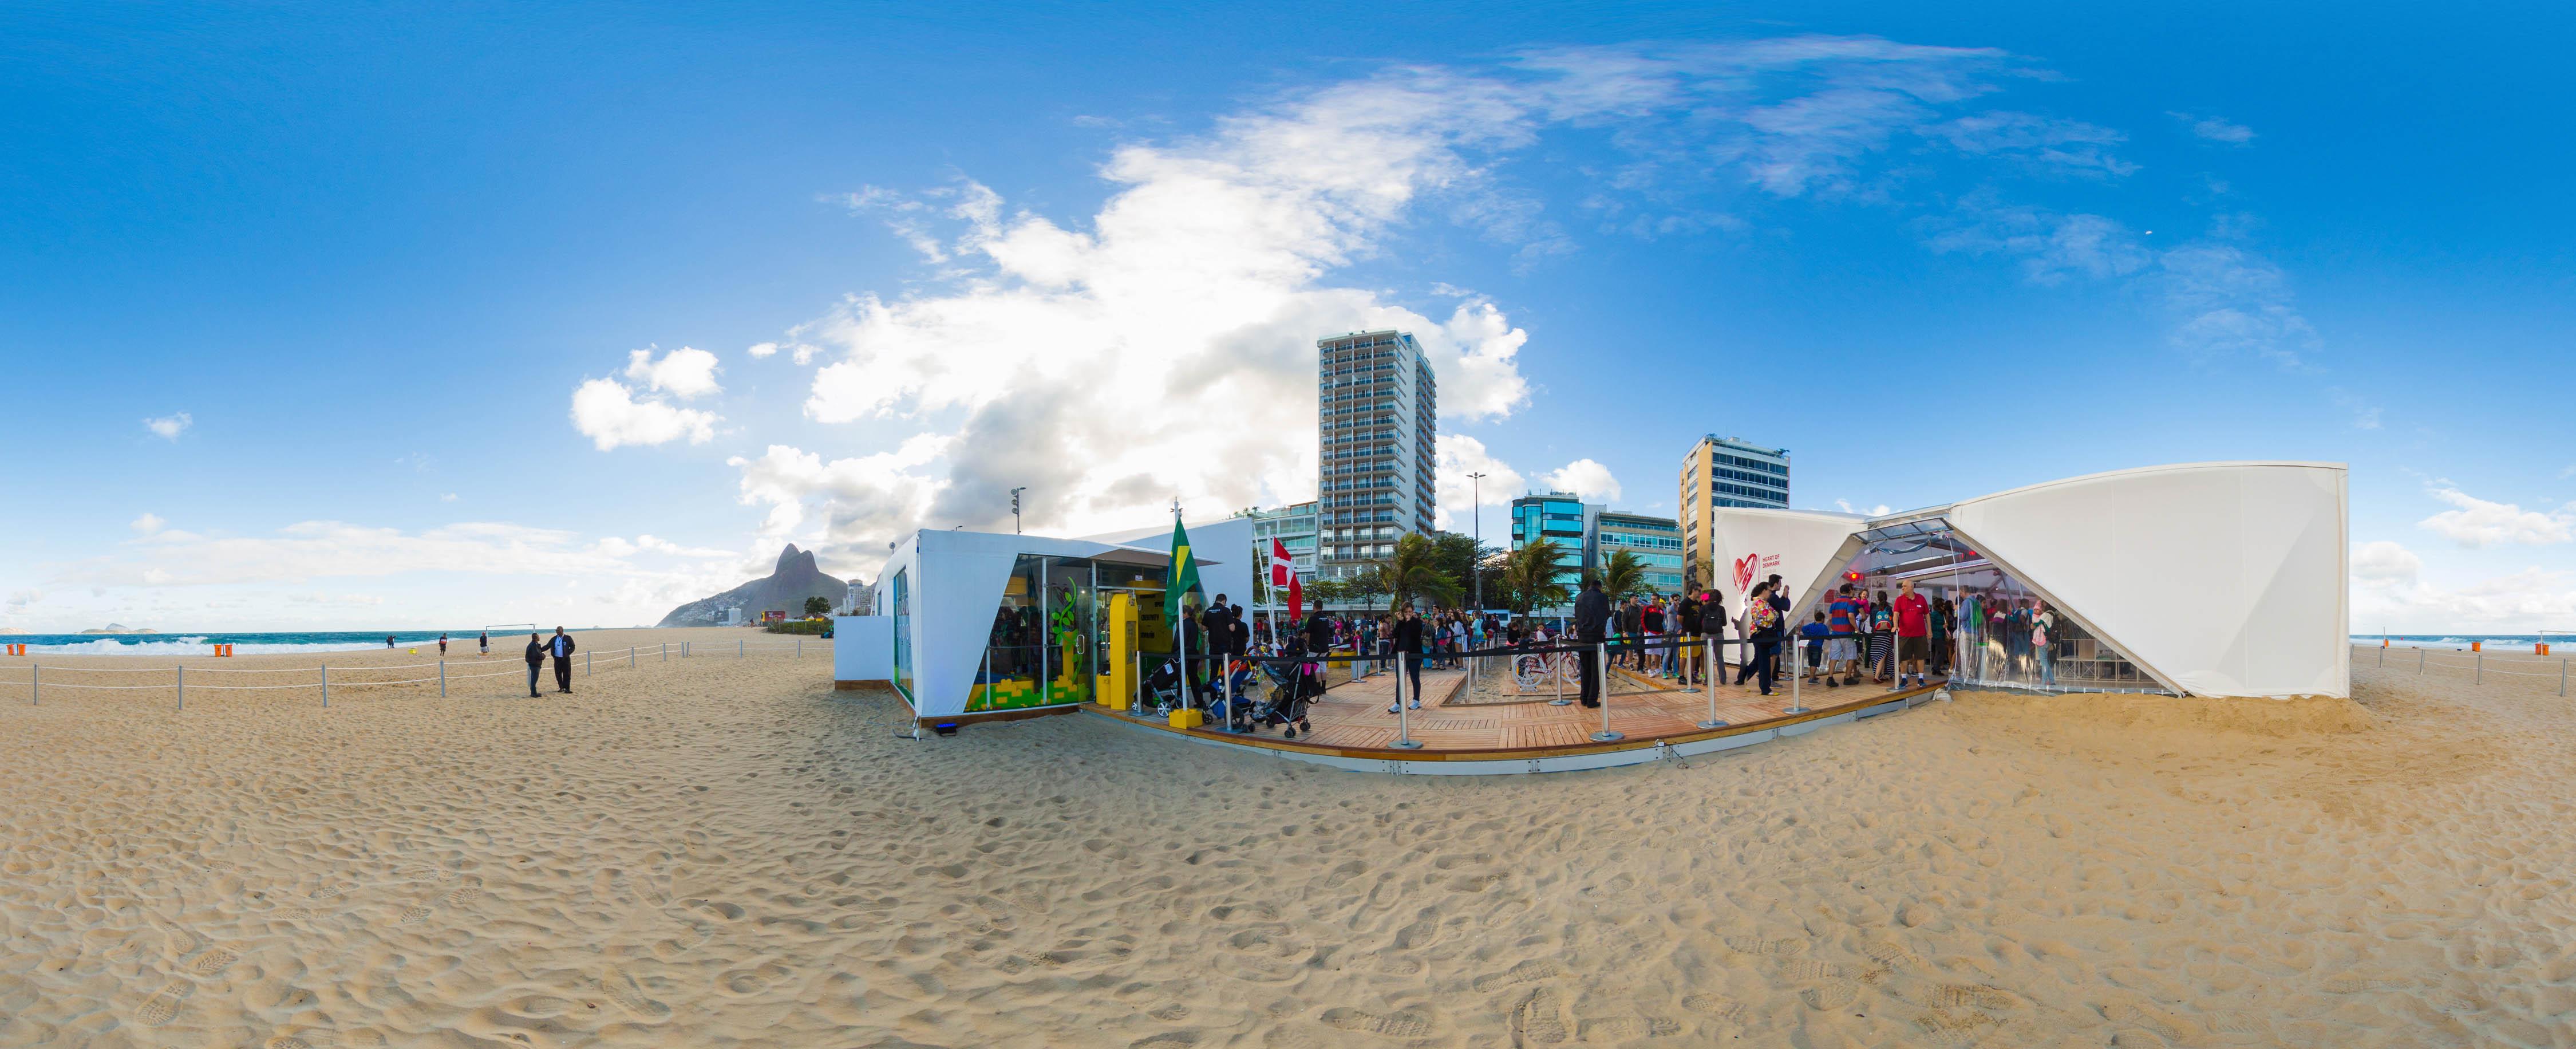 Casa LEGO - Jogos Rio 2016